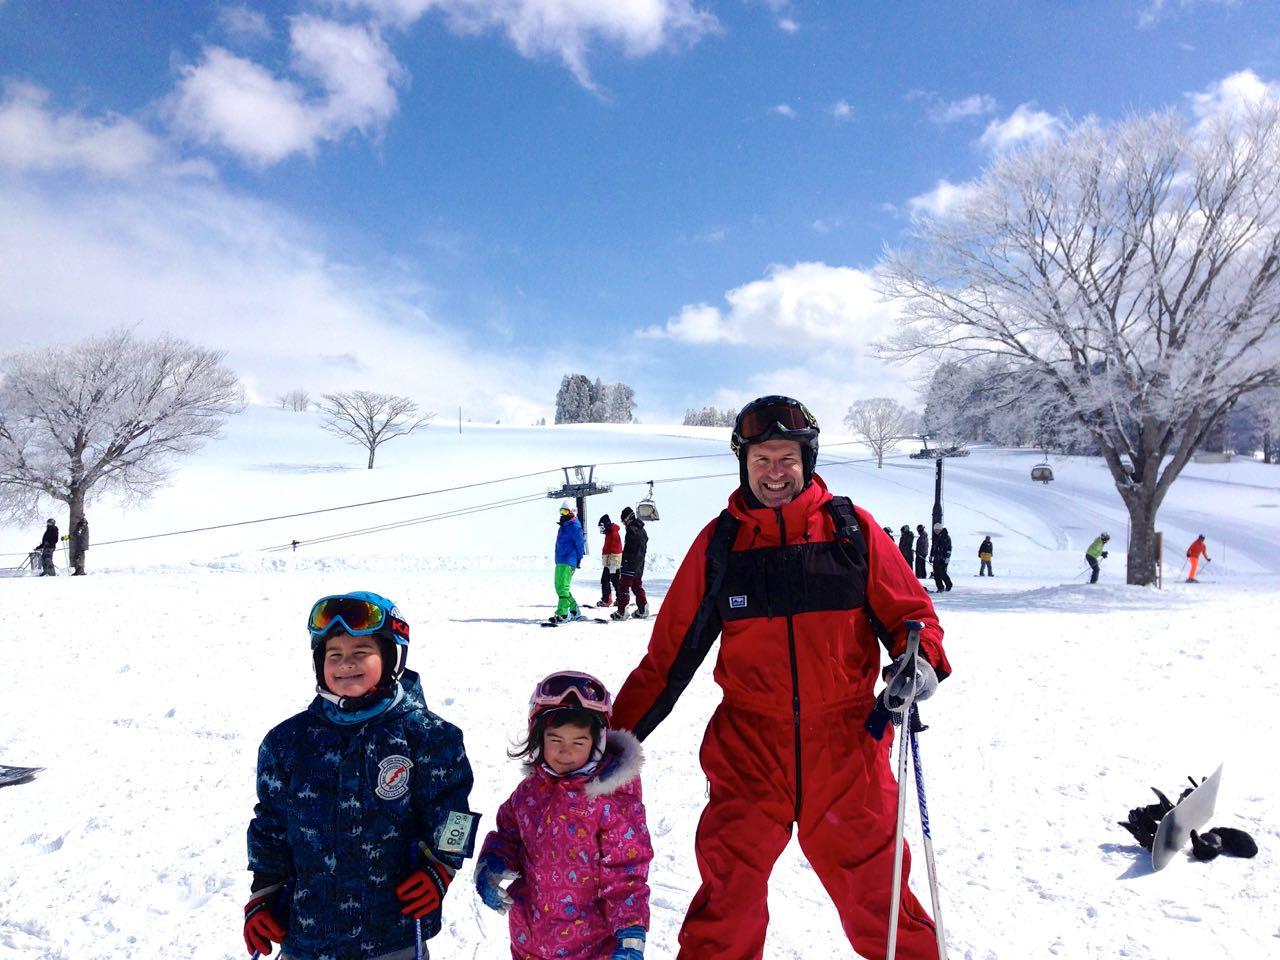 Kids Skiing Nozawa Onsen Japan